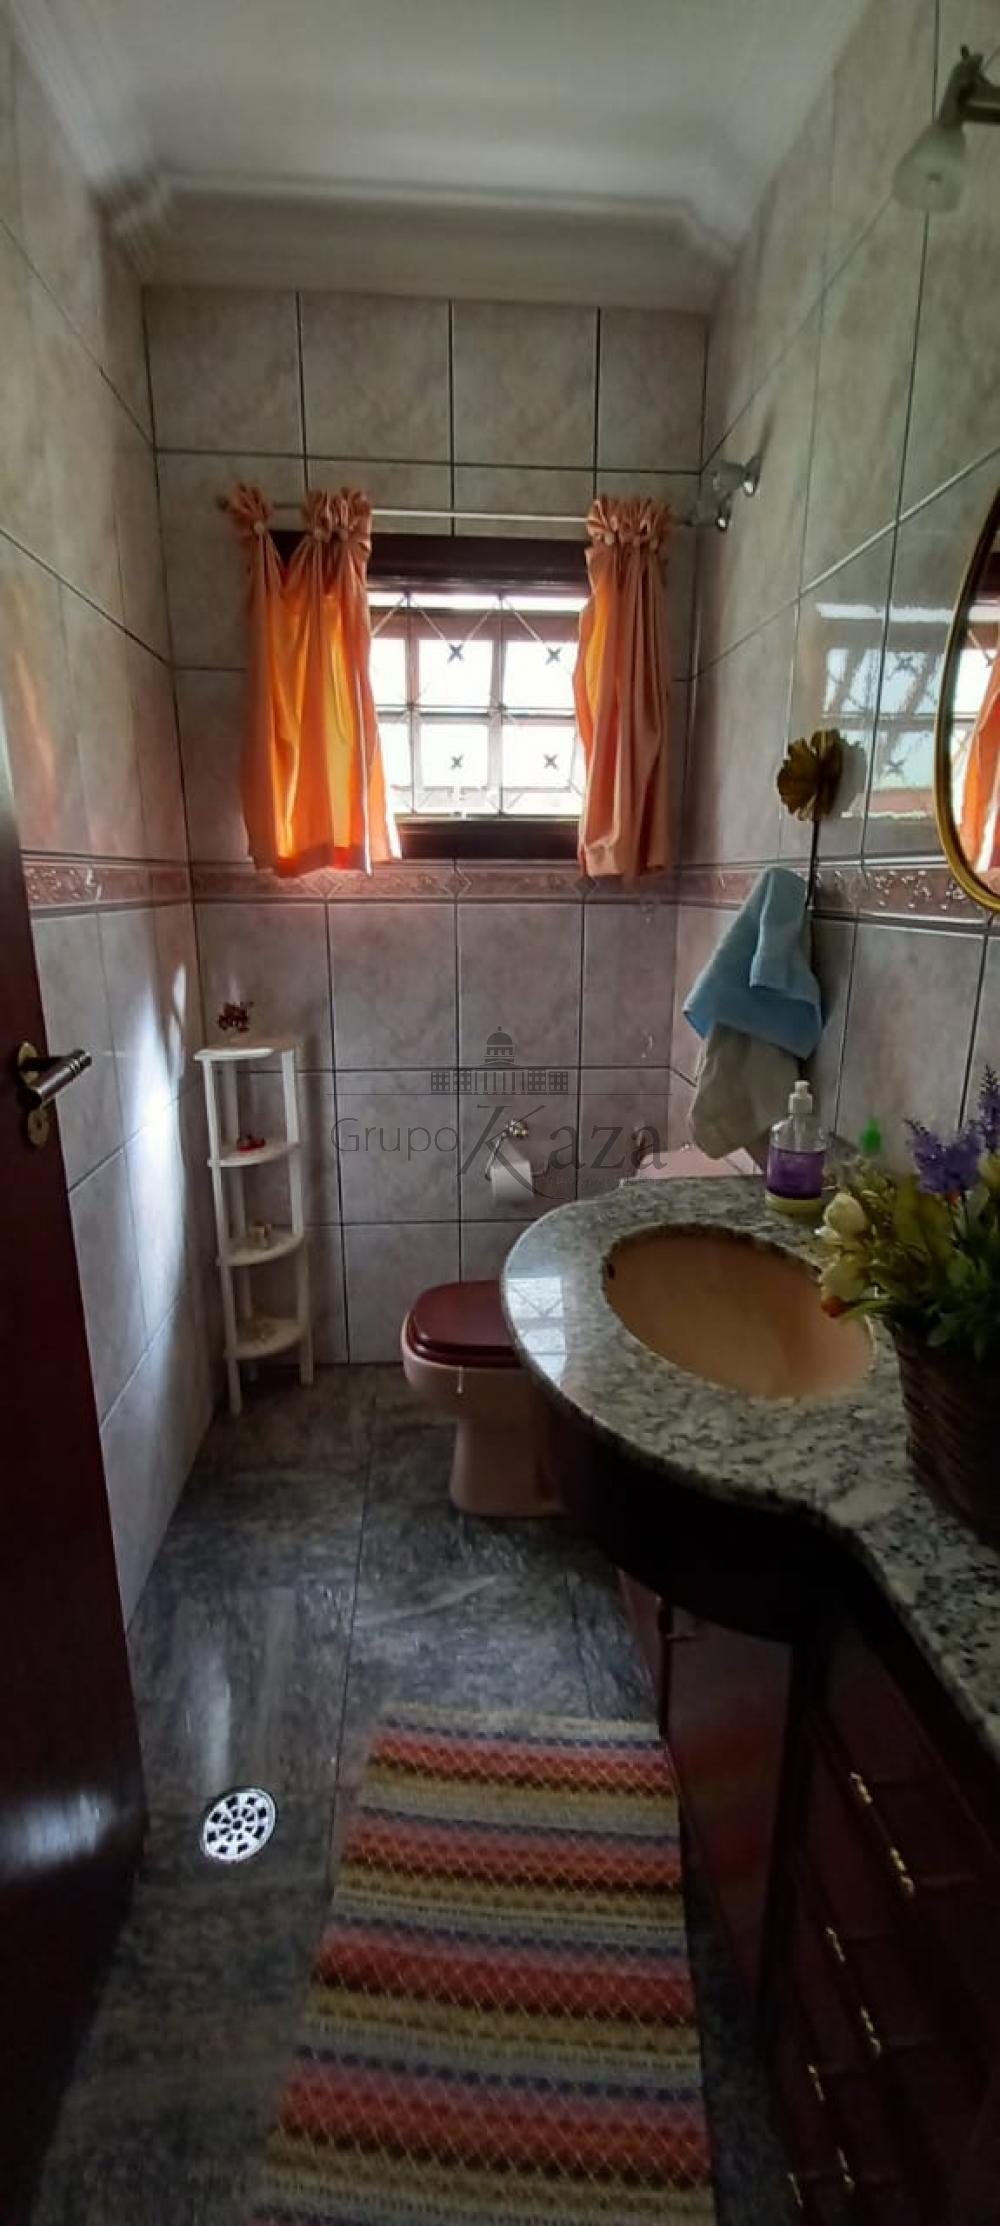 alt='Comprar Casa / Comercial / Residencial em São José dos Campos R$ 1.500.000,00 - Foto 17' title='Comprar Casa / Comercial / Residencial em São José dos Campos R$ 1.500.000,00 - Foto 17'